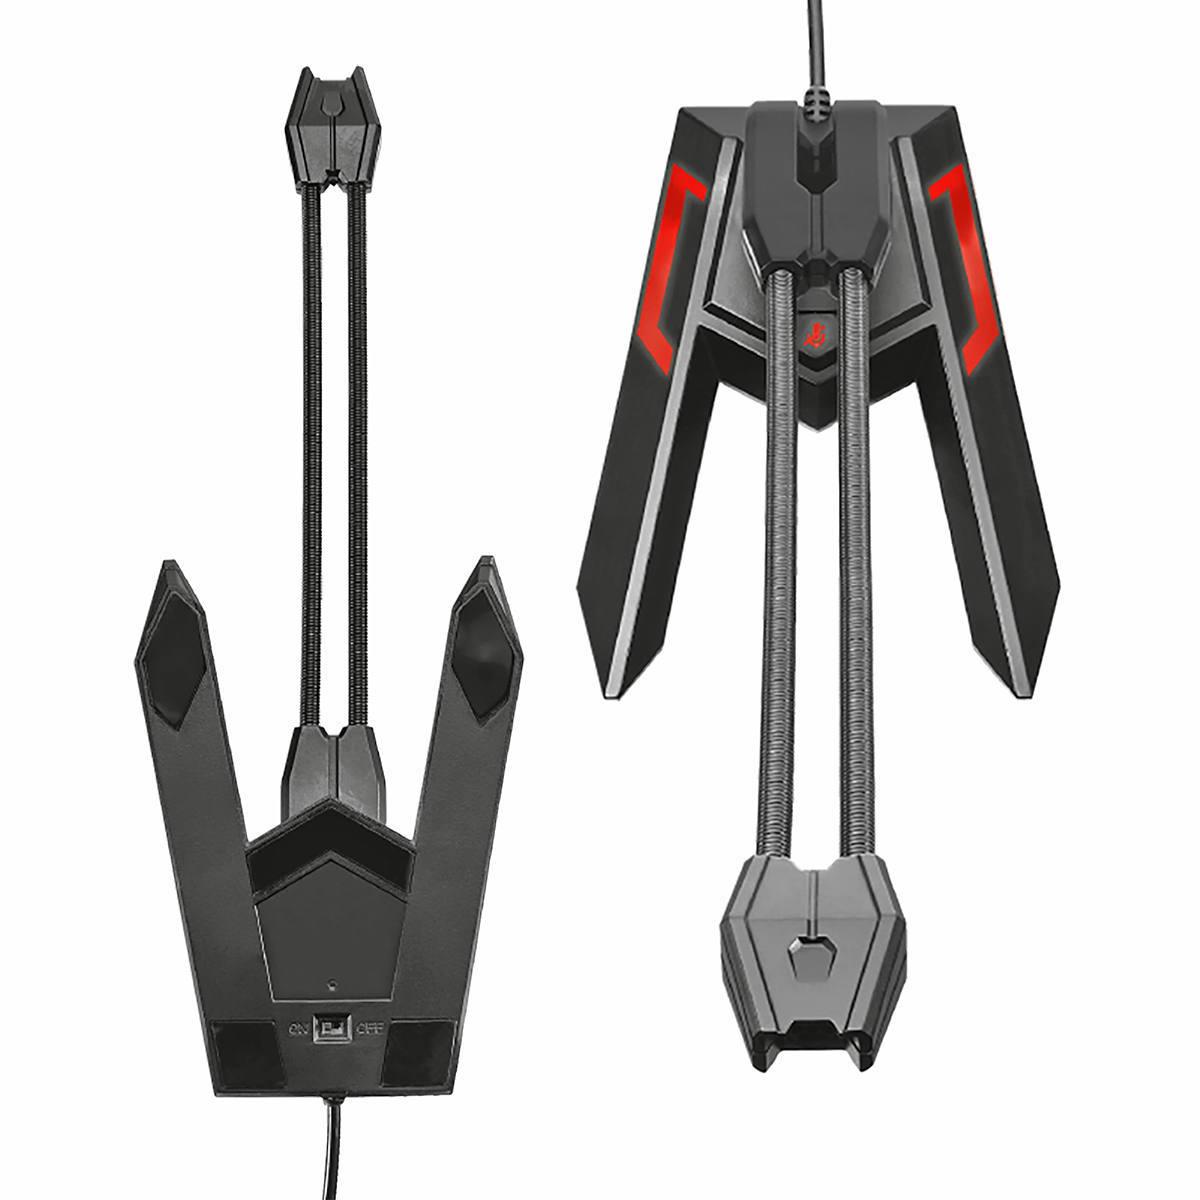 Microfone USB GXT 210 Scorp com Suporte Flexível e Regulável Botão Mute Cabo 1.5m Trust